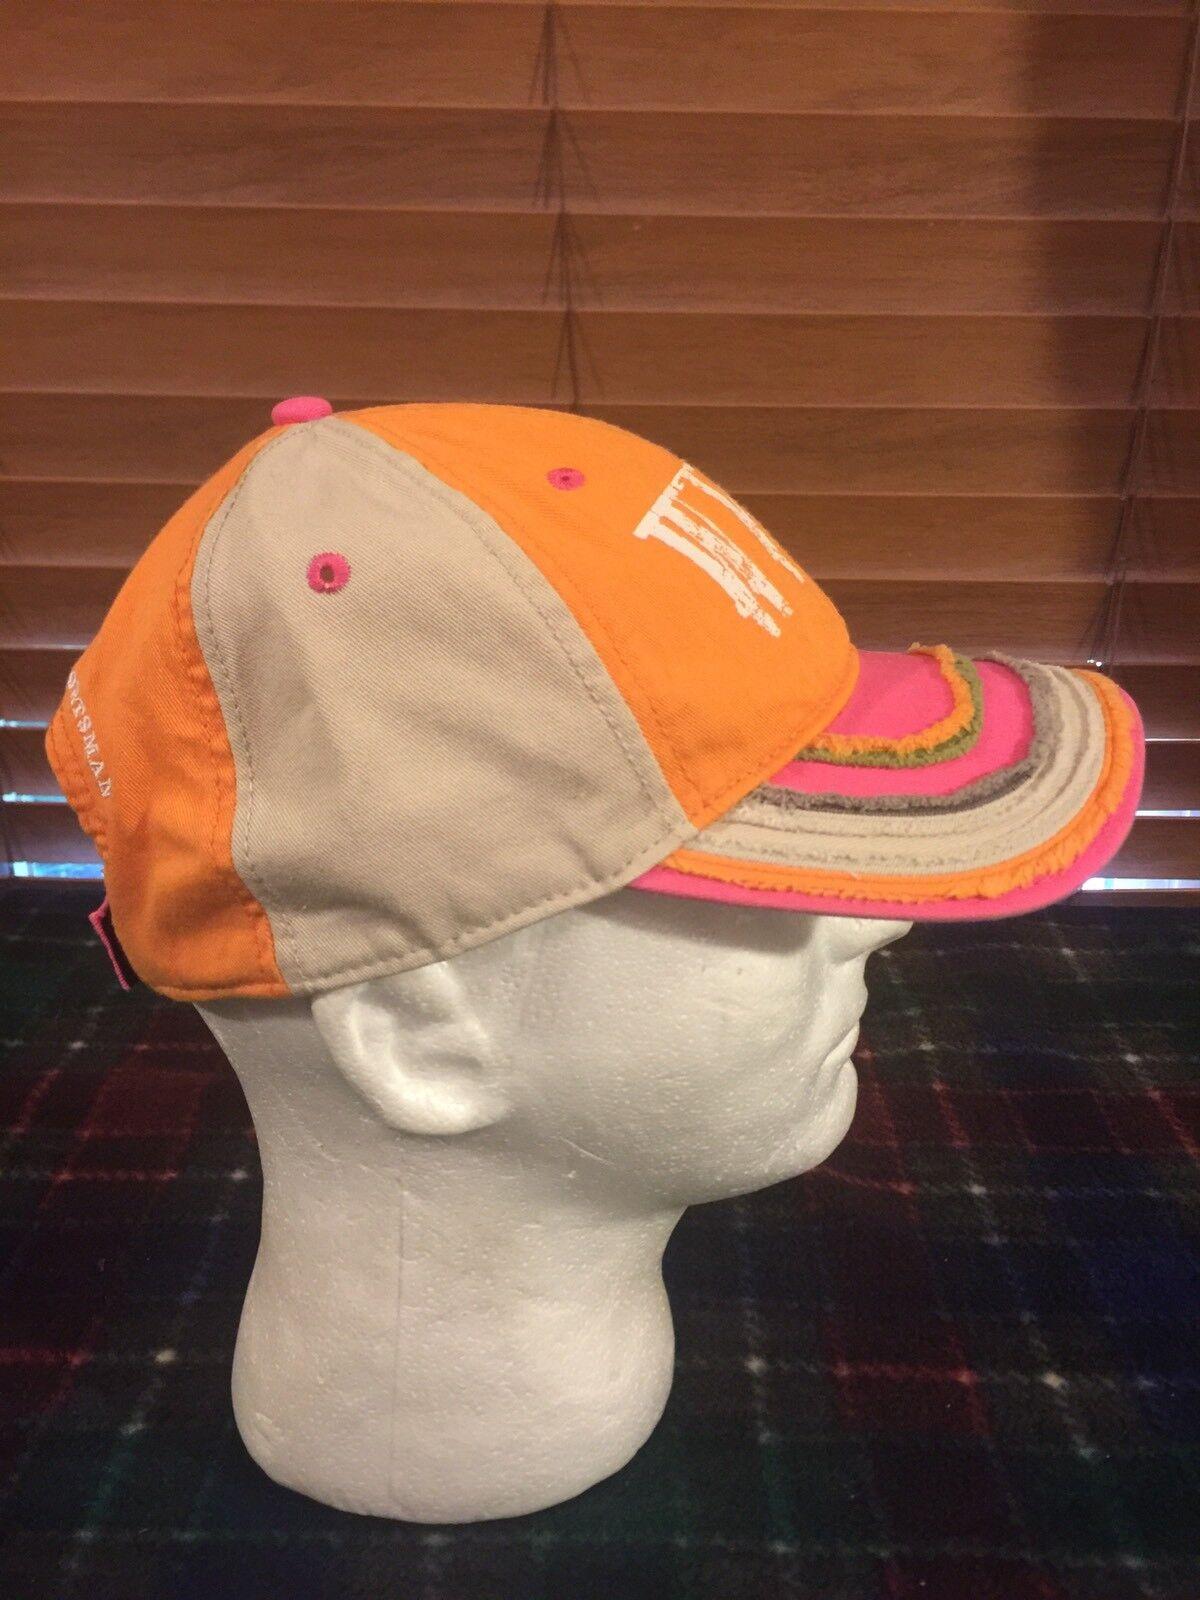 NWOT WORLD WIDE SPORTSMAN WWS 1967 Orange Orange Orange Pink Beige Adjustable Hat H177 f5bd11